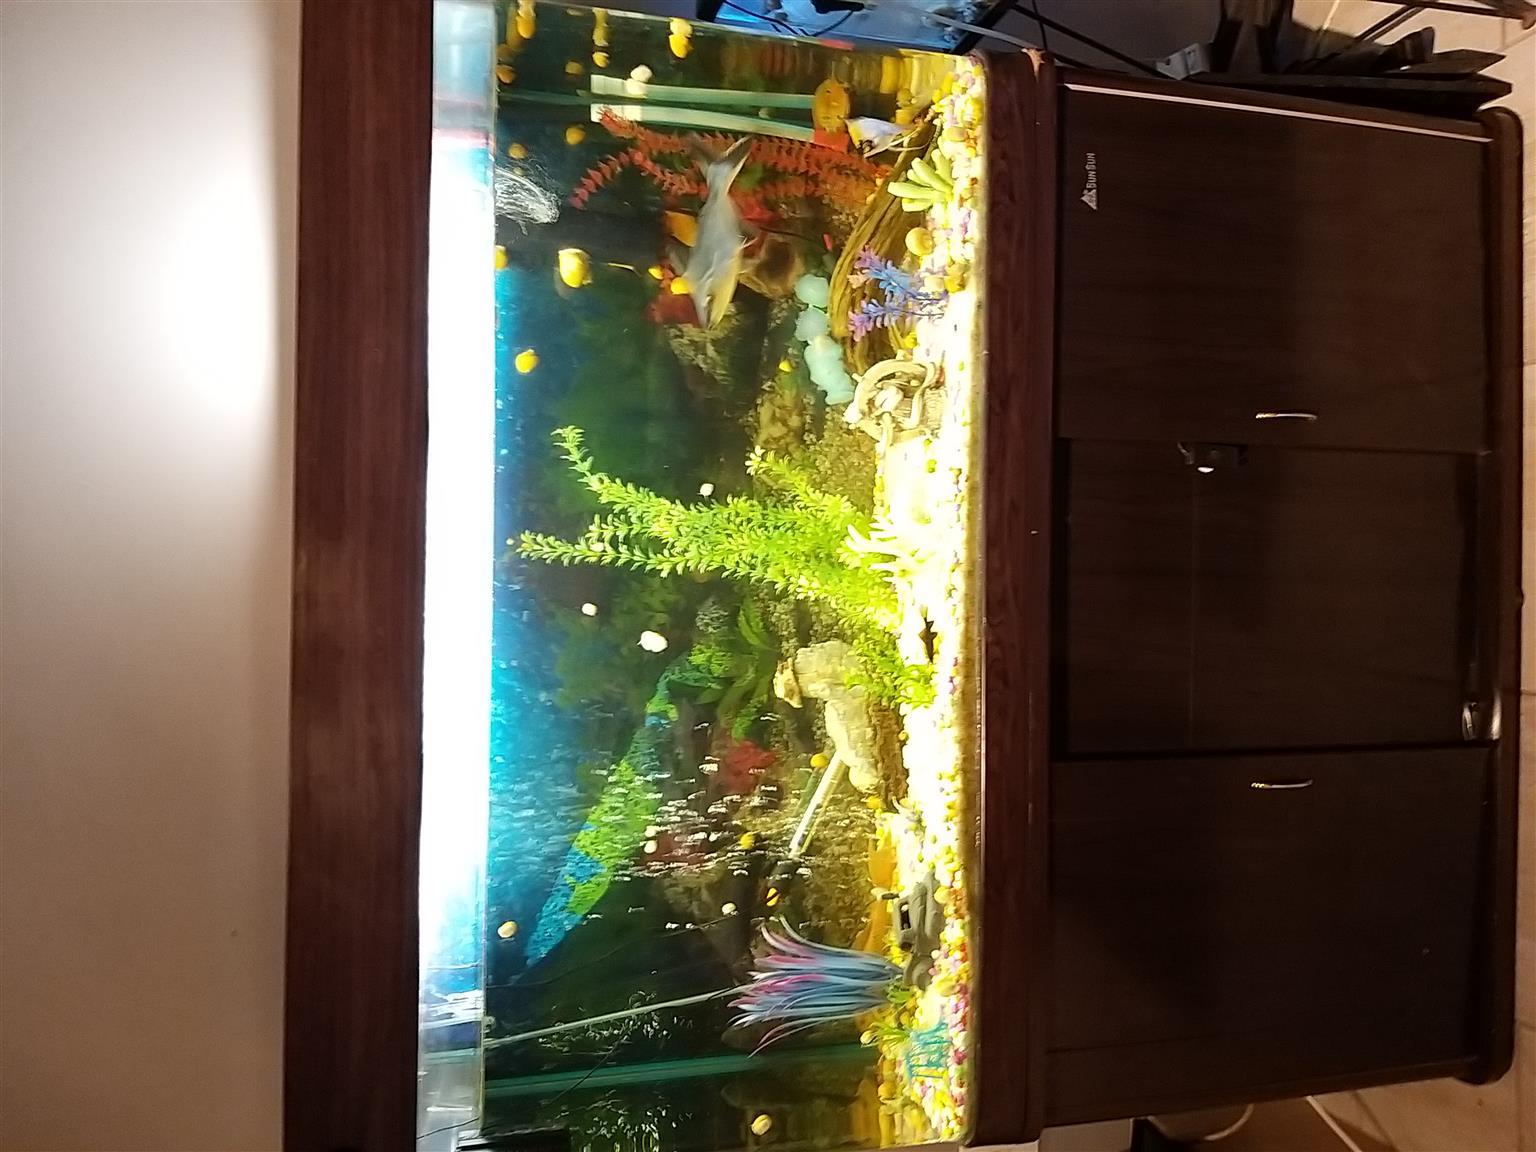 380 liter fish tank